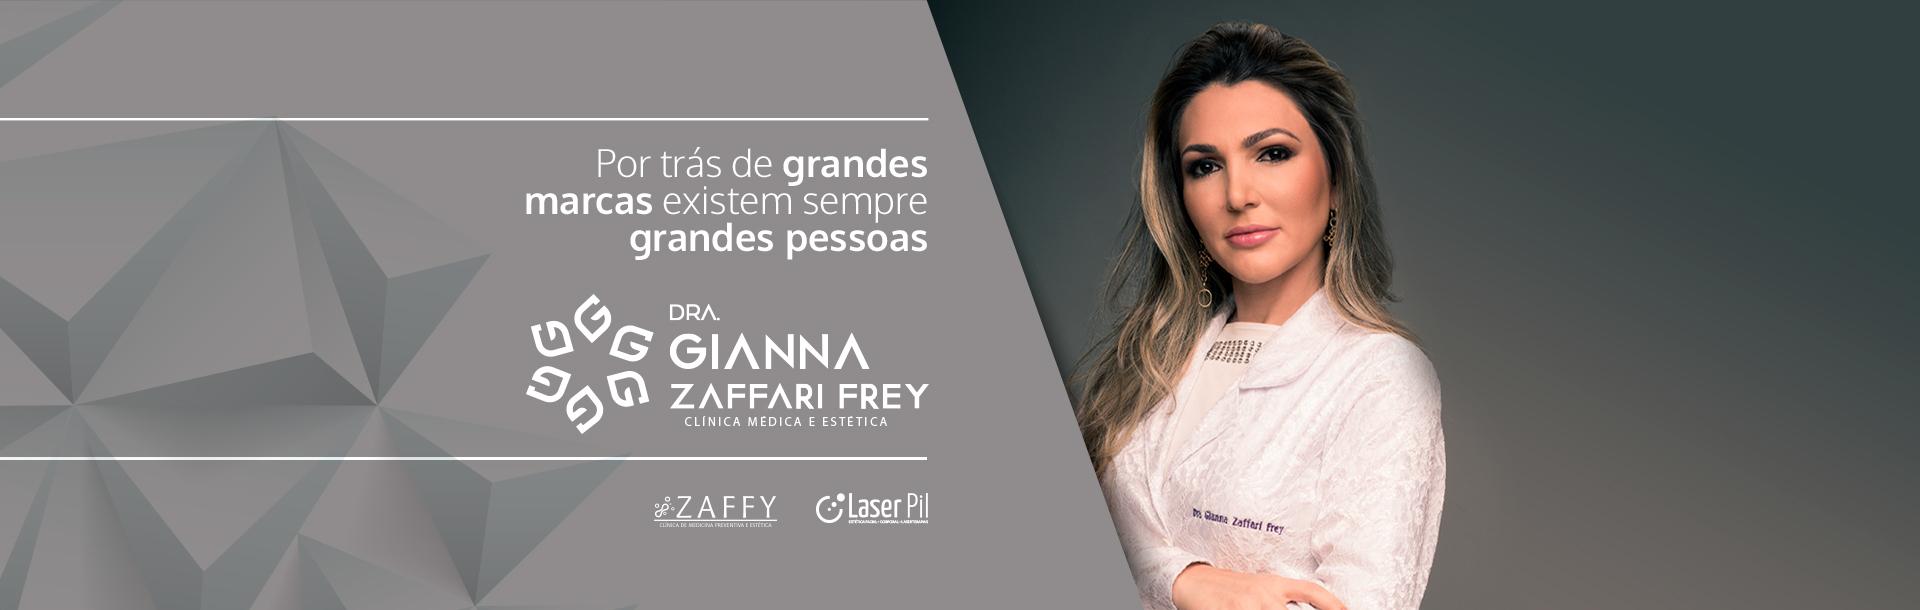 Conheça a Dra. Gianna Zaffari Frey